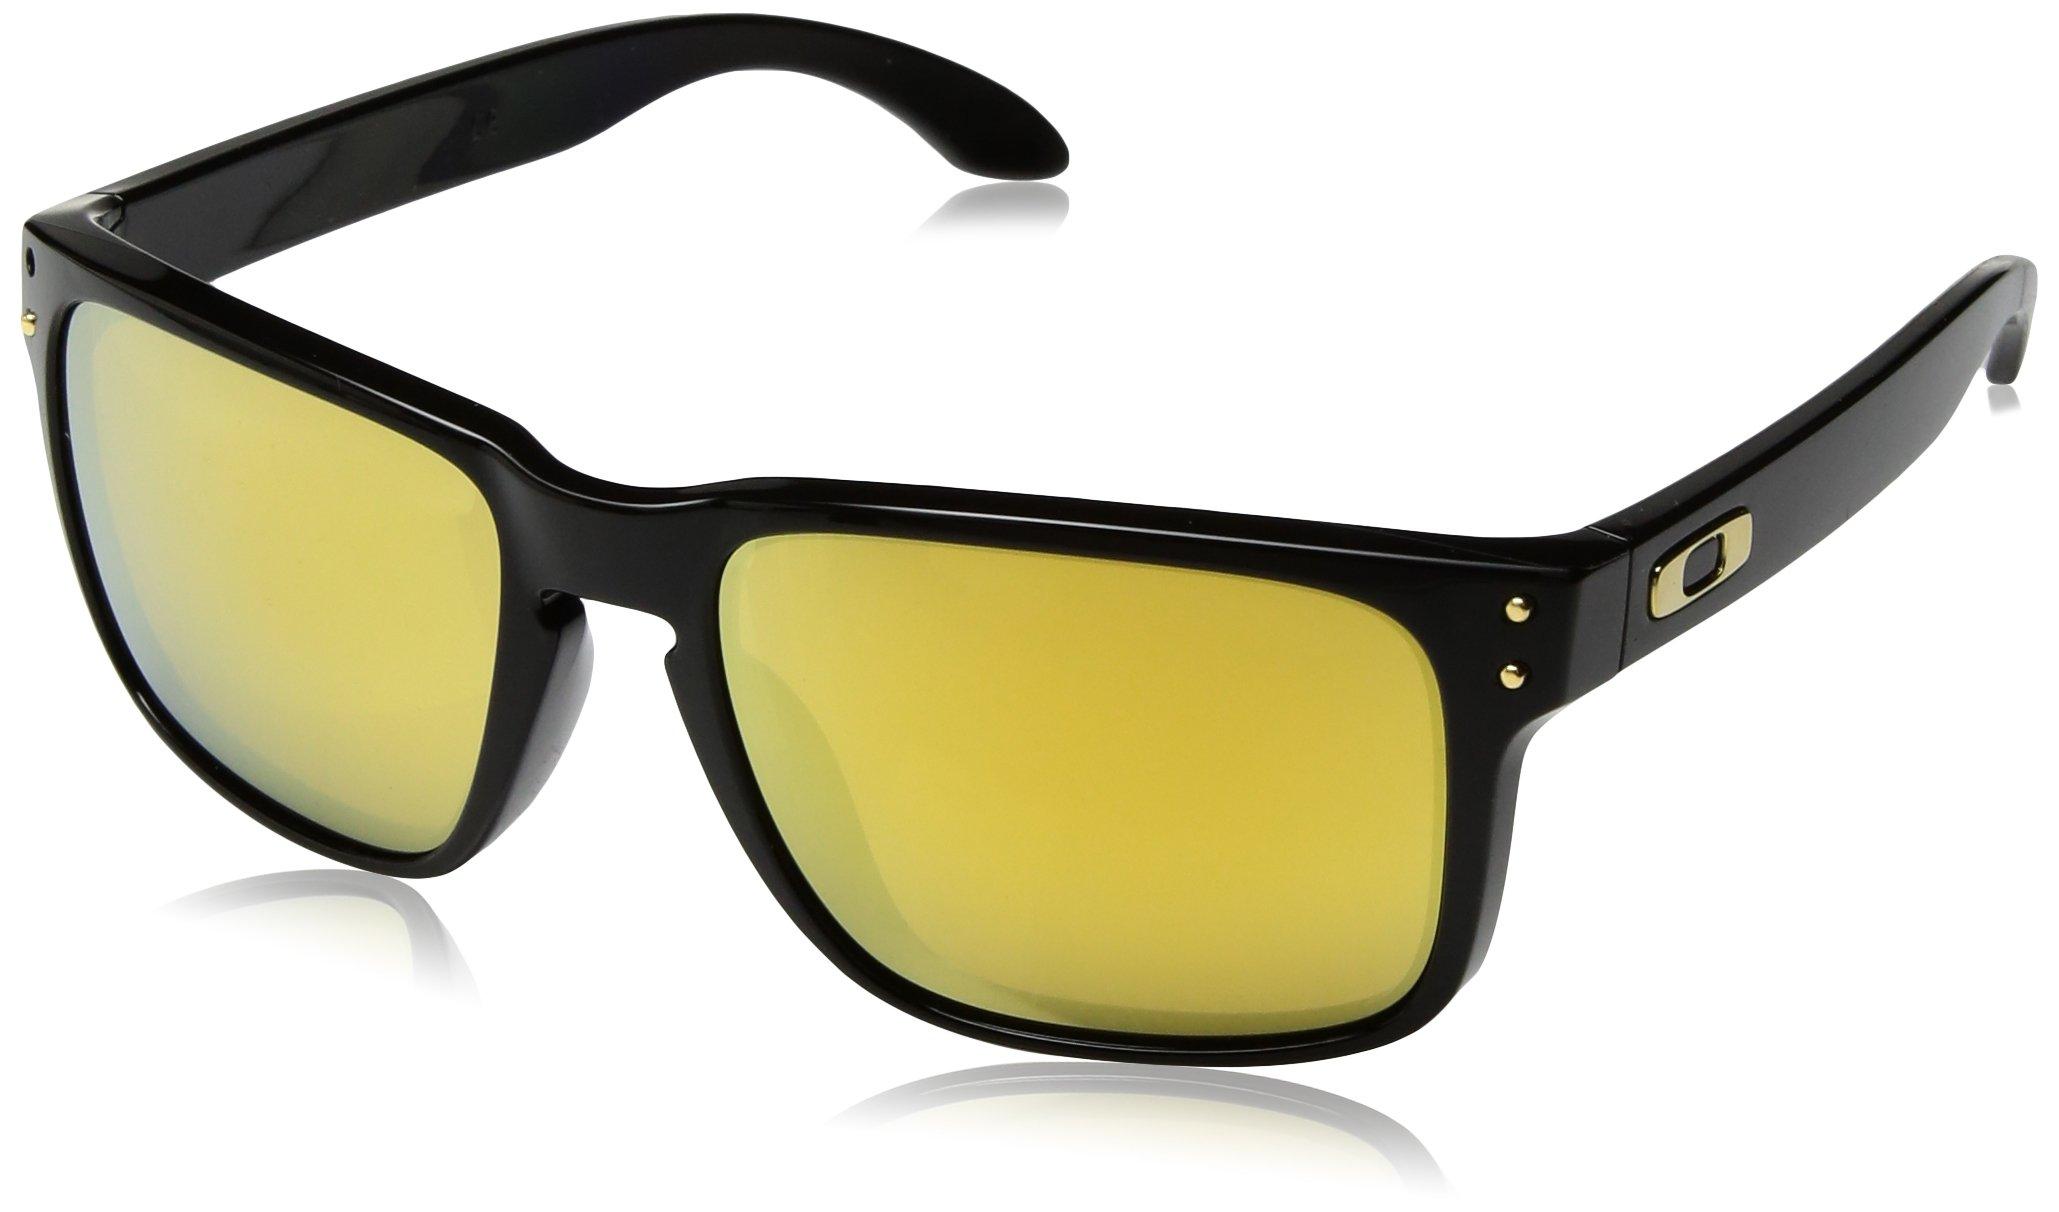 Oakley Men's Holbrook Polished Sunglasses,Black